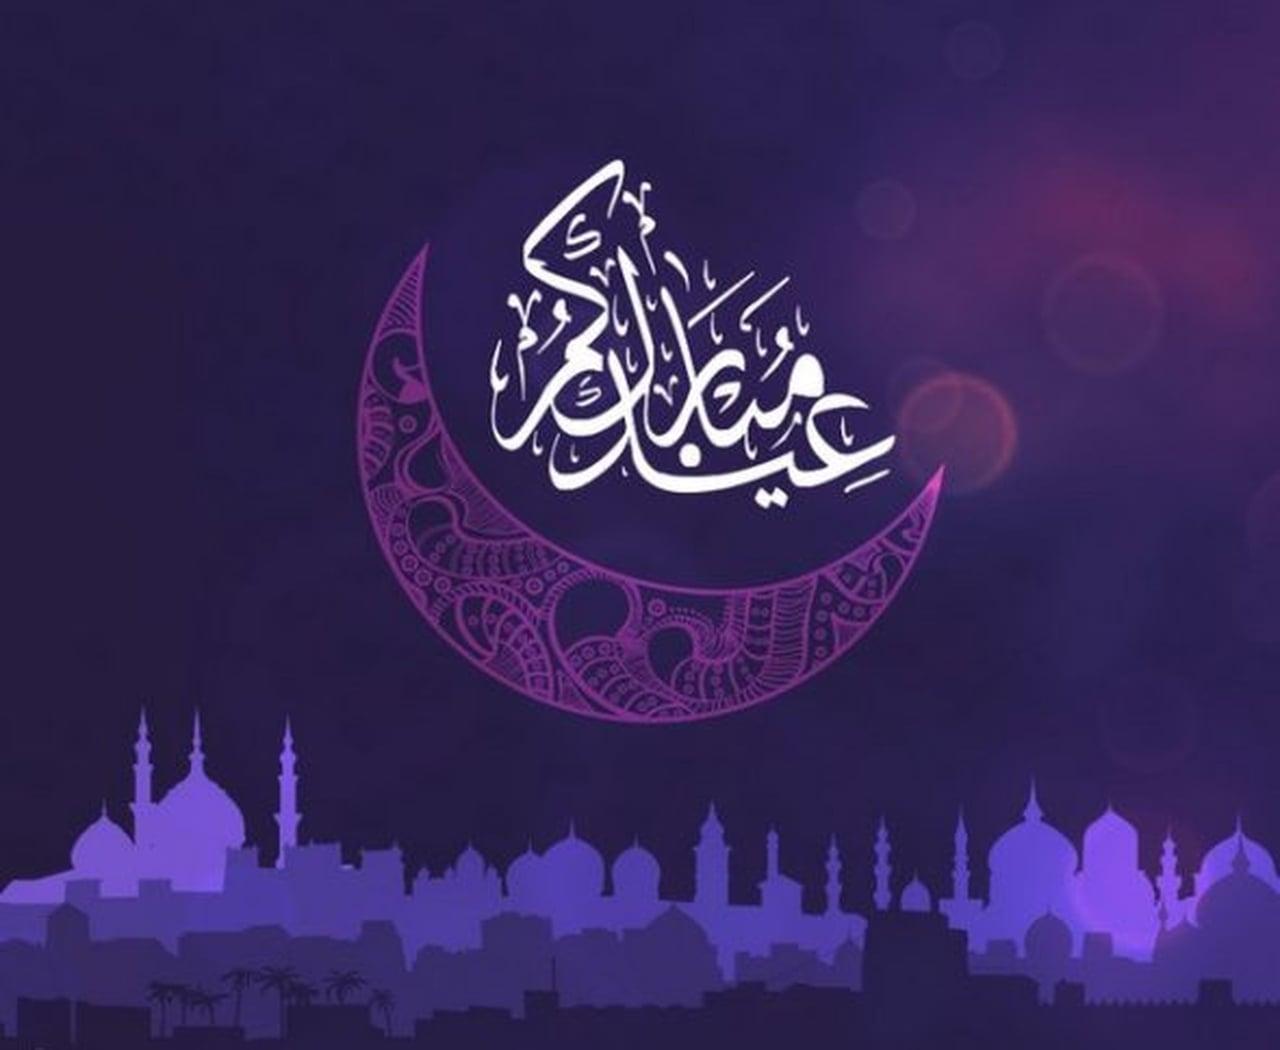 صورة صور عيد الاضحى المبارك 2019 , احلى صور وخلفيات العيد